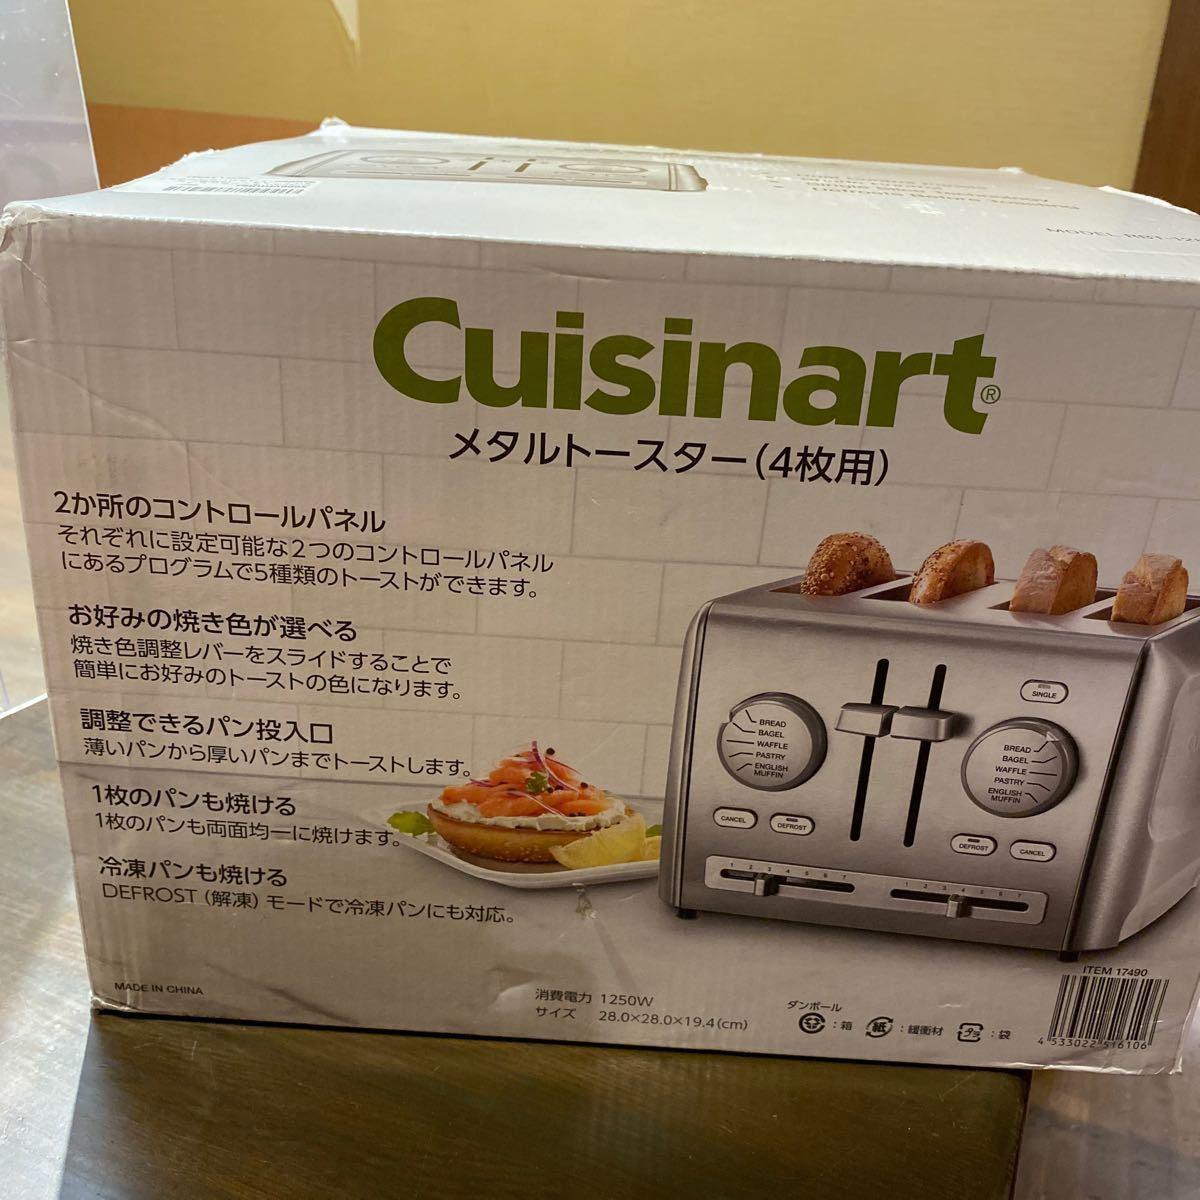 クイジナート メタル トースター(4枚用) RBT-1285PCJ Cuisinart #17490